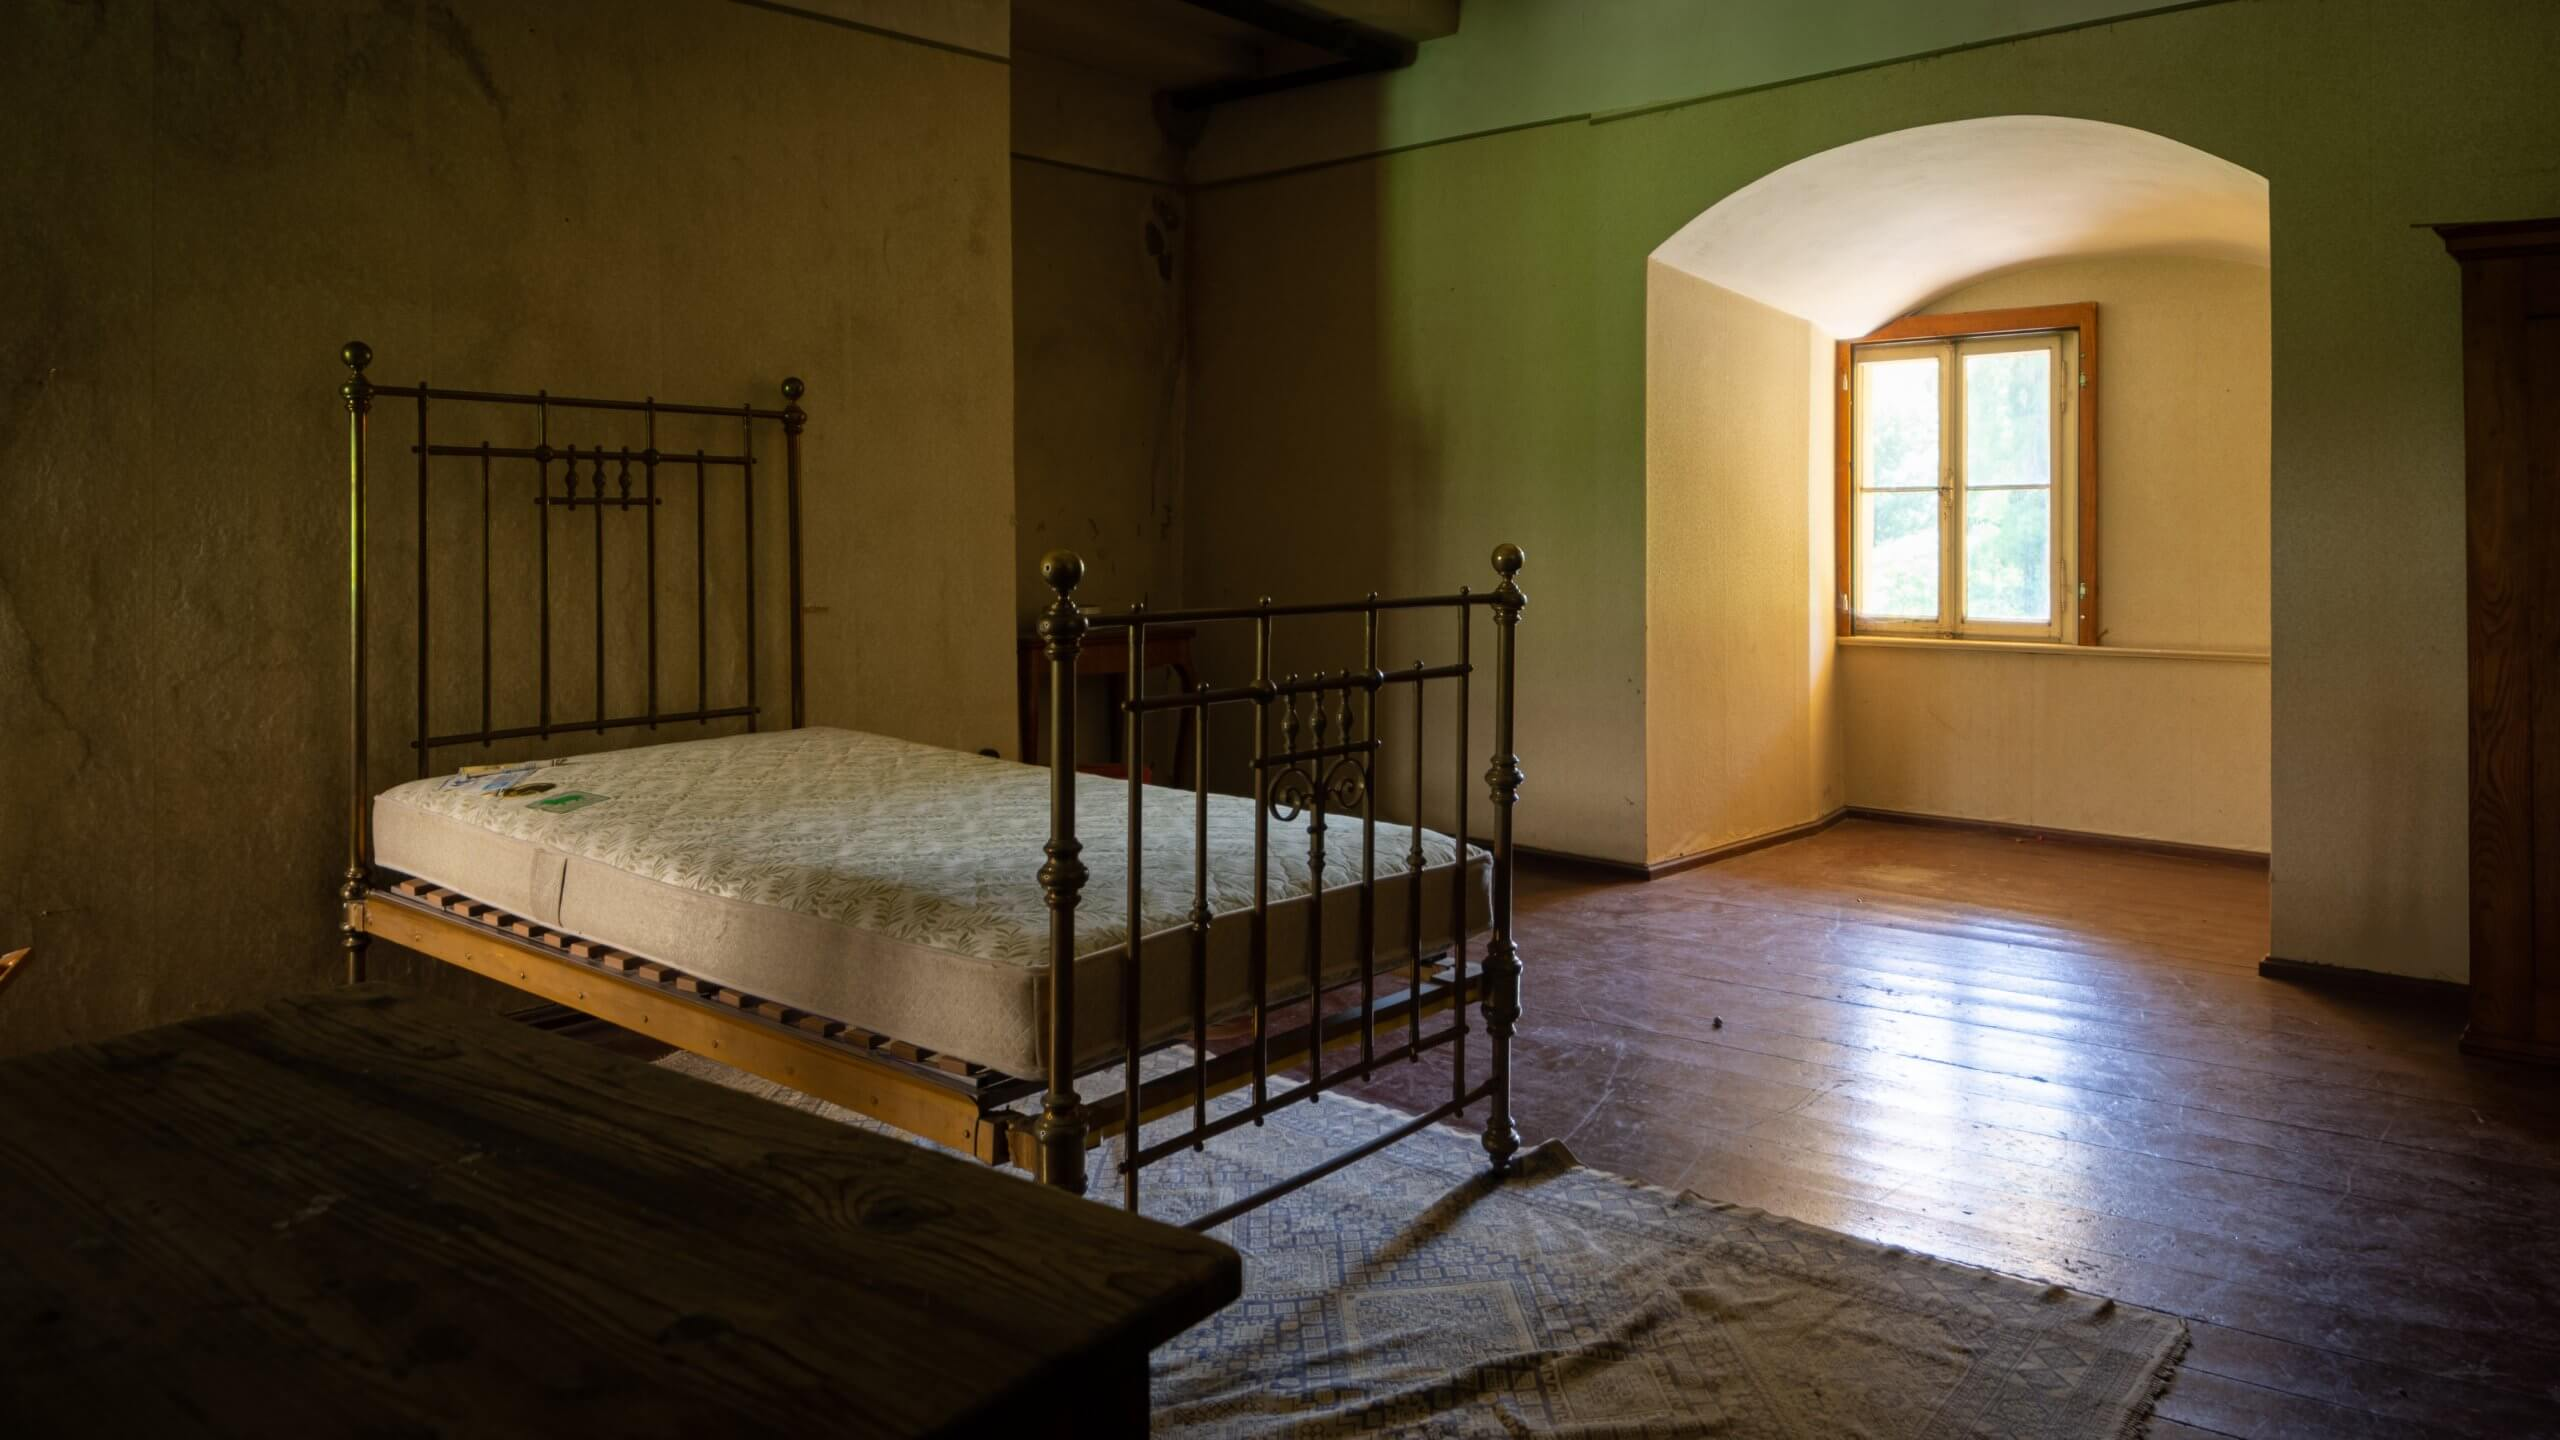 Lost Places Fototour Schloss Bückeburg - Zimmer mit Bett